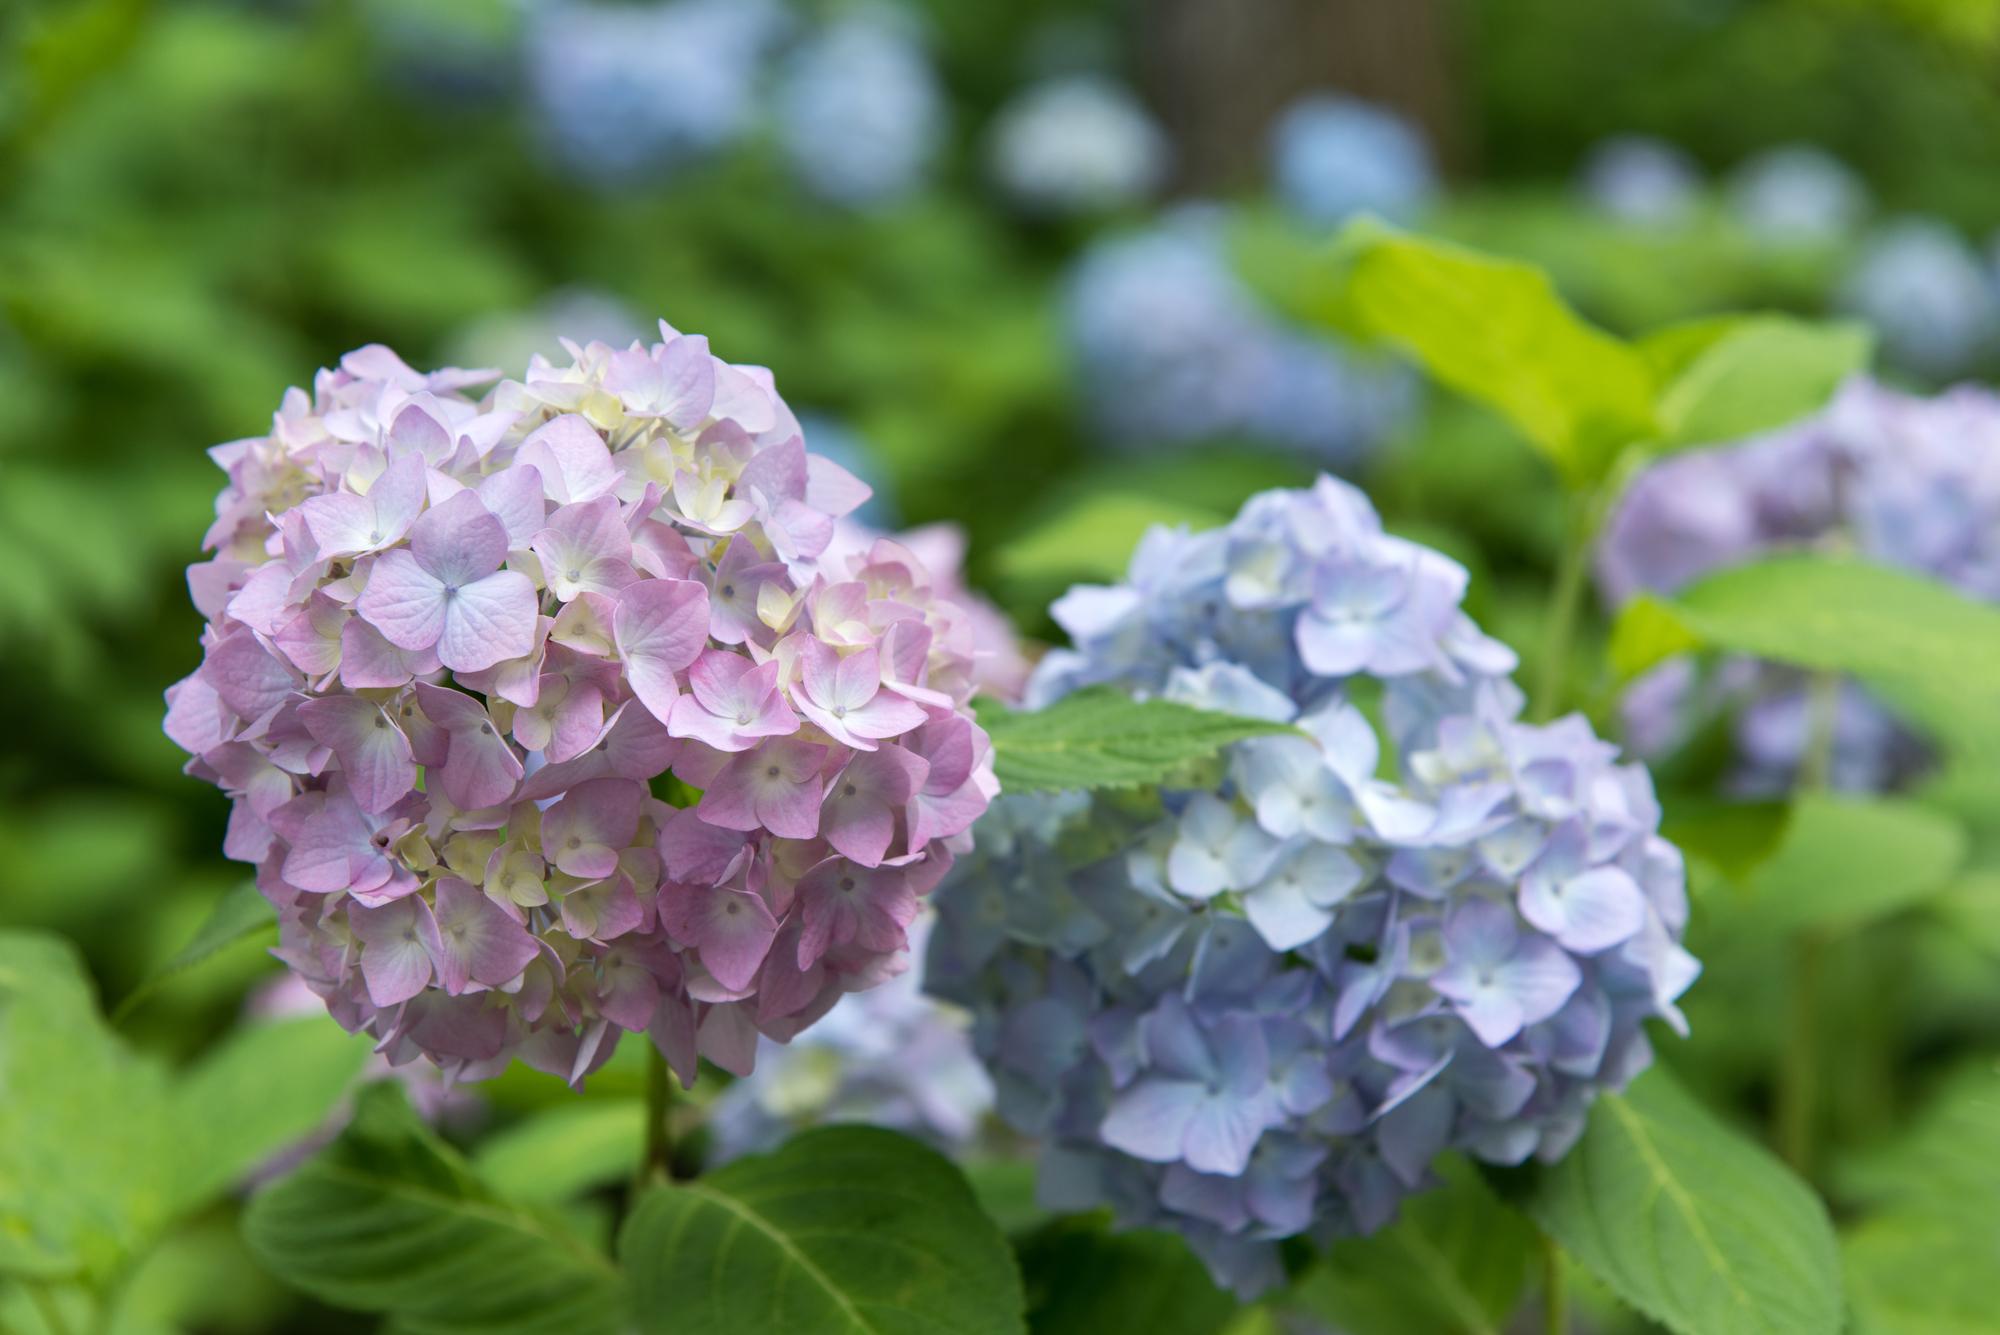 数種類の色・形で楽しませる、『万葉集』で歌われた花